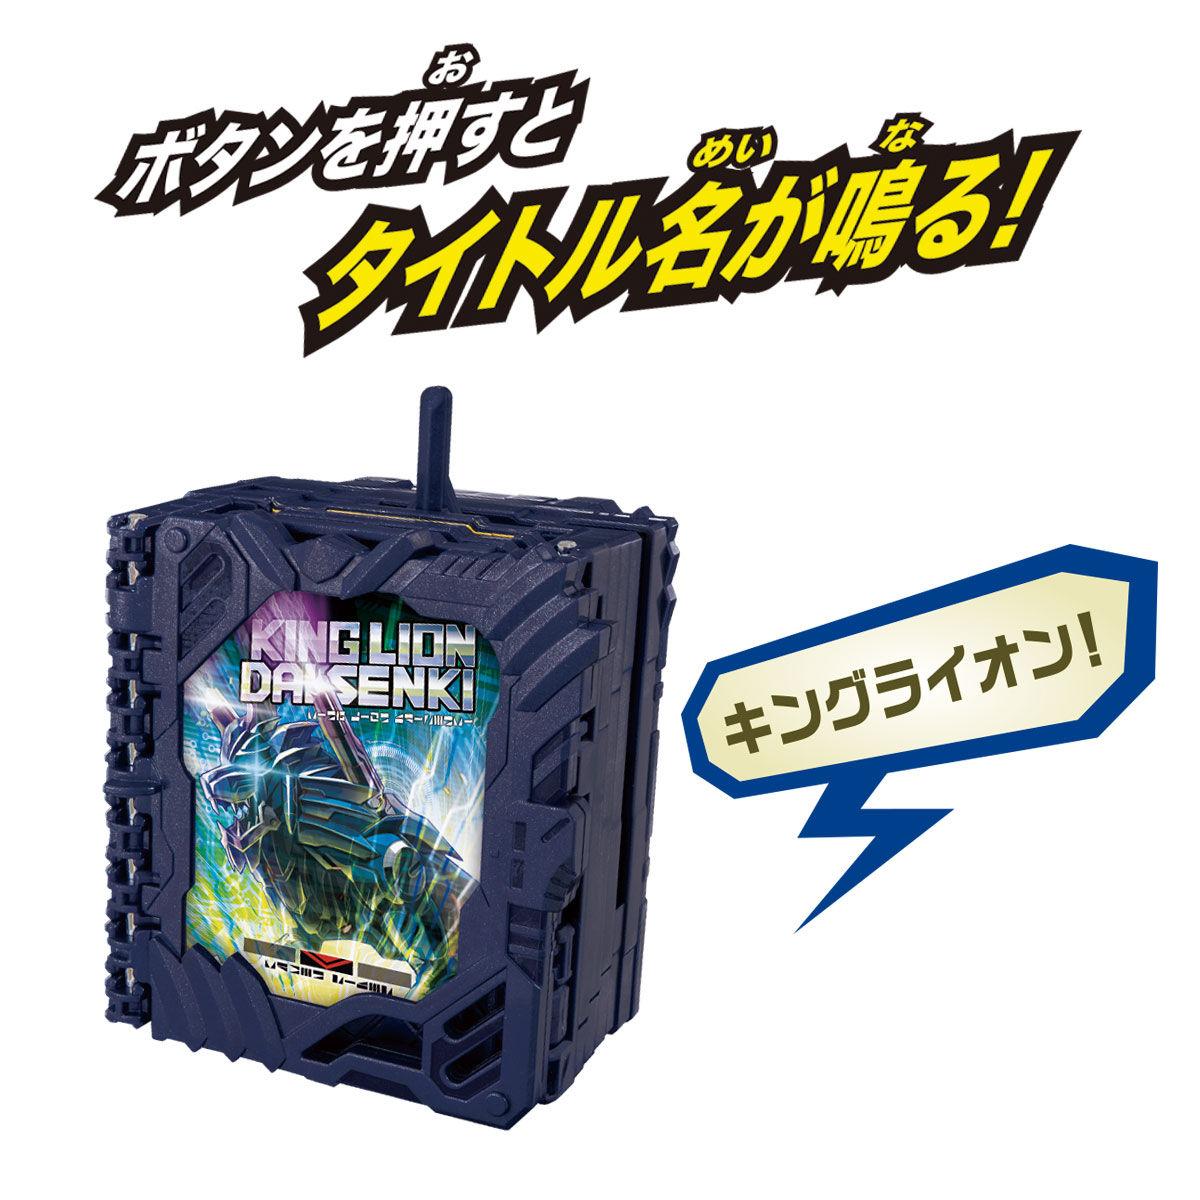 仮面ライダーセイバー『DXキングライオン大戦記ワンダーライドブック』変身なりきり-004